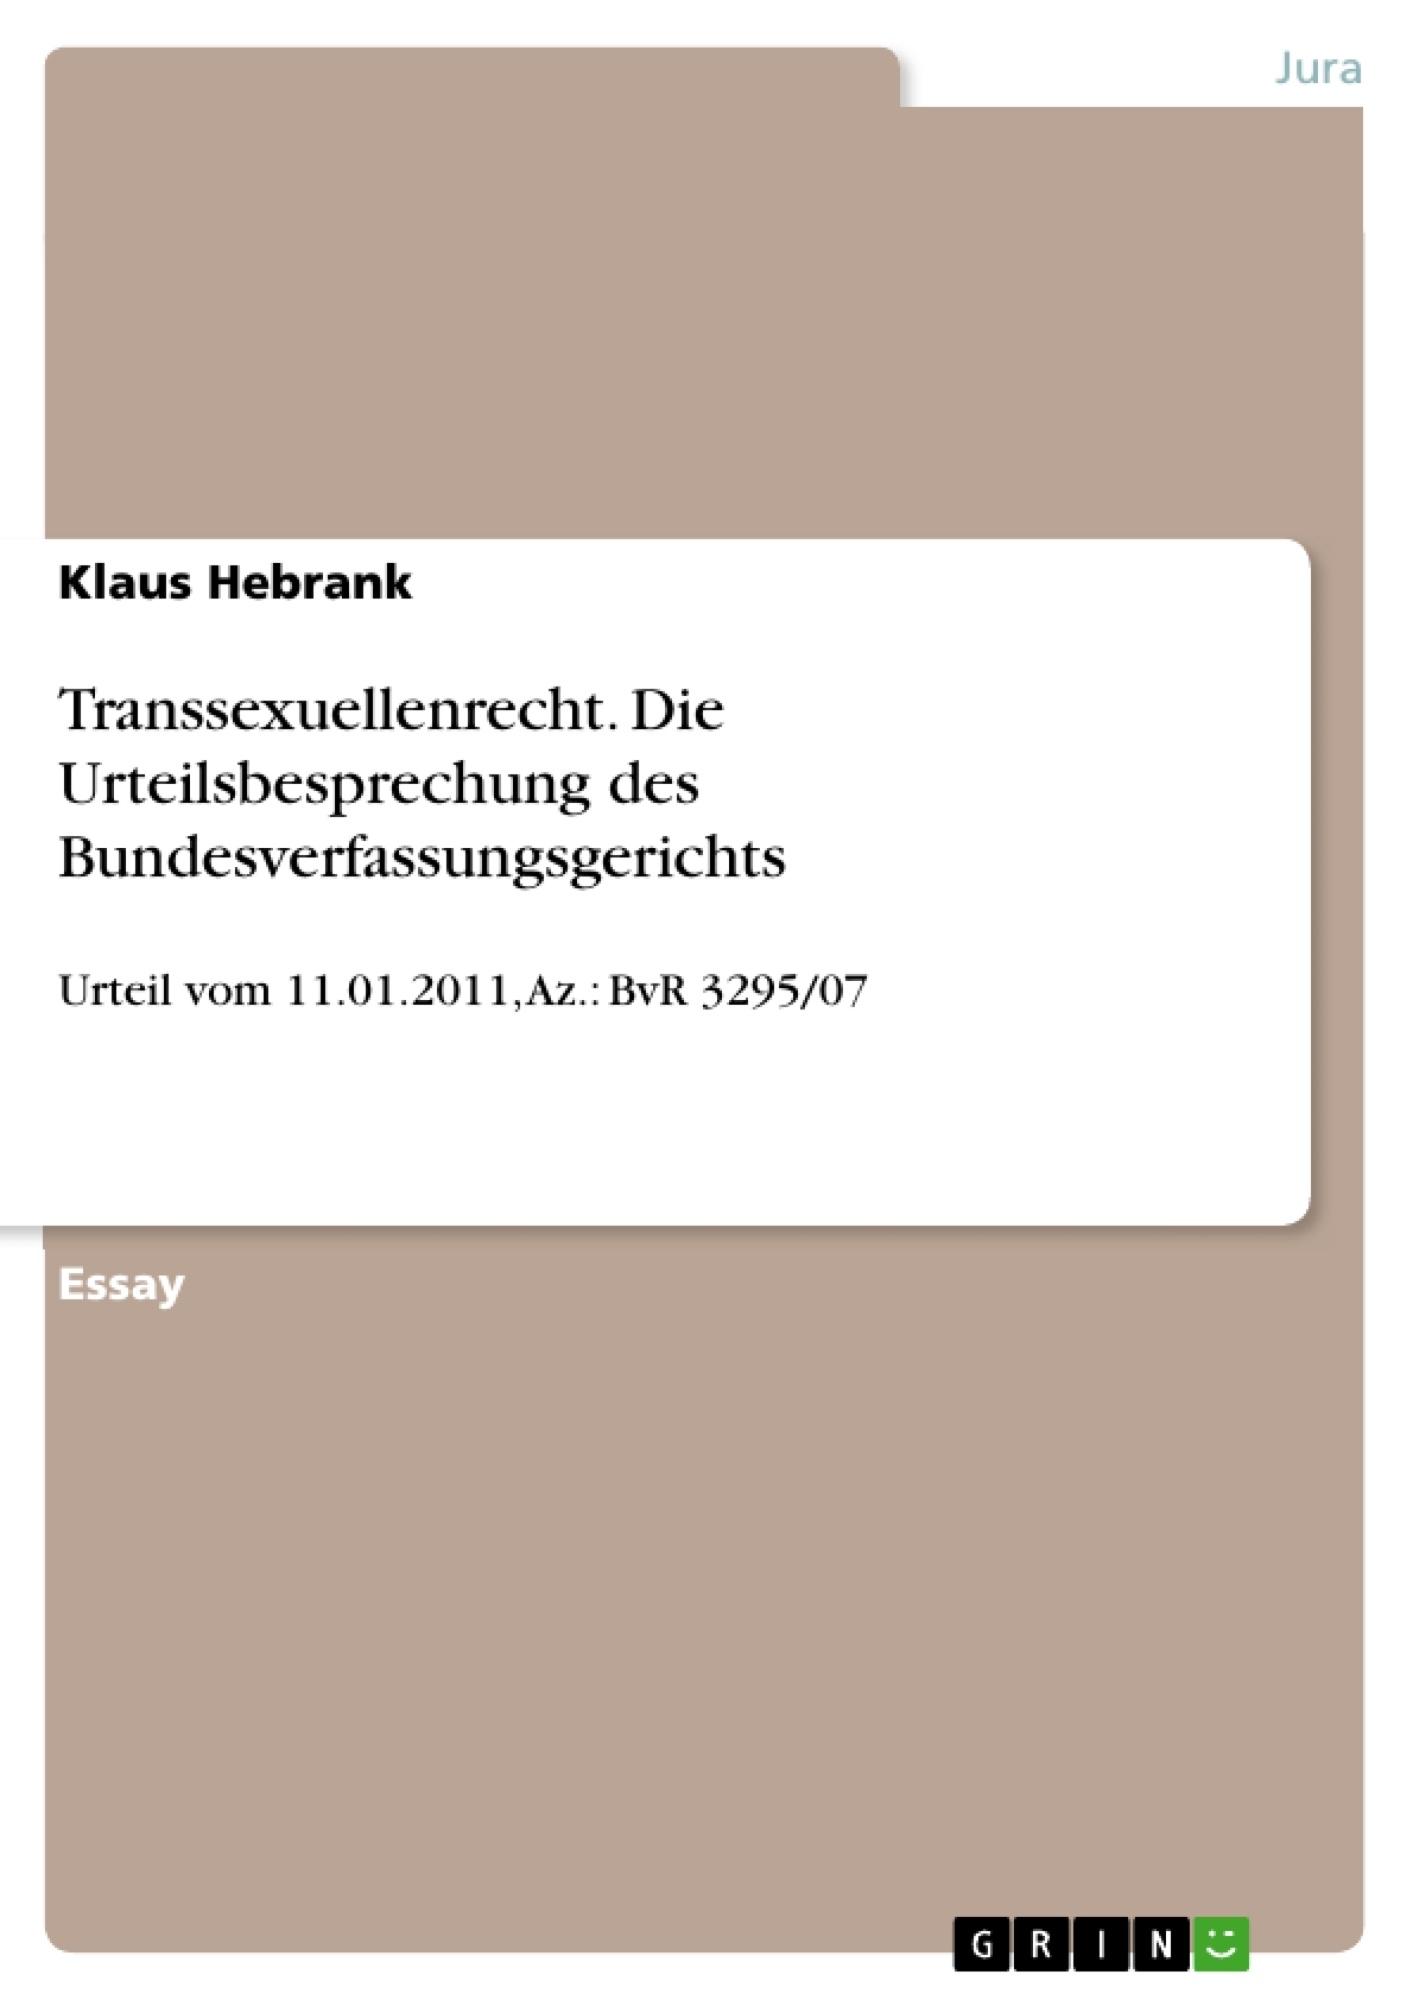 Titel: Transsexuellenrecht. Die Urteilsbesprechung des Bundesverfassungsgerichts